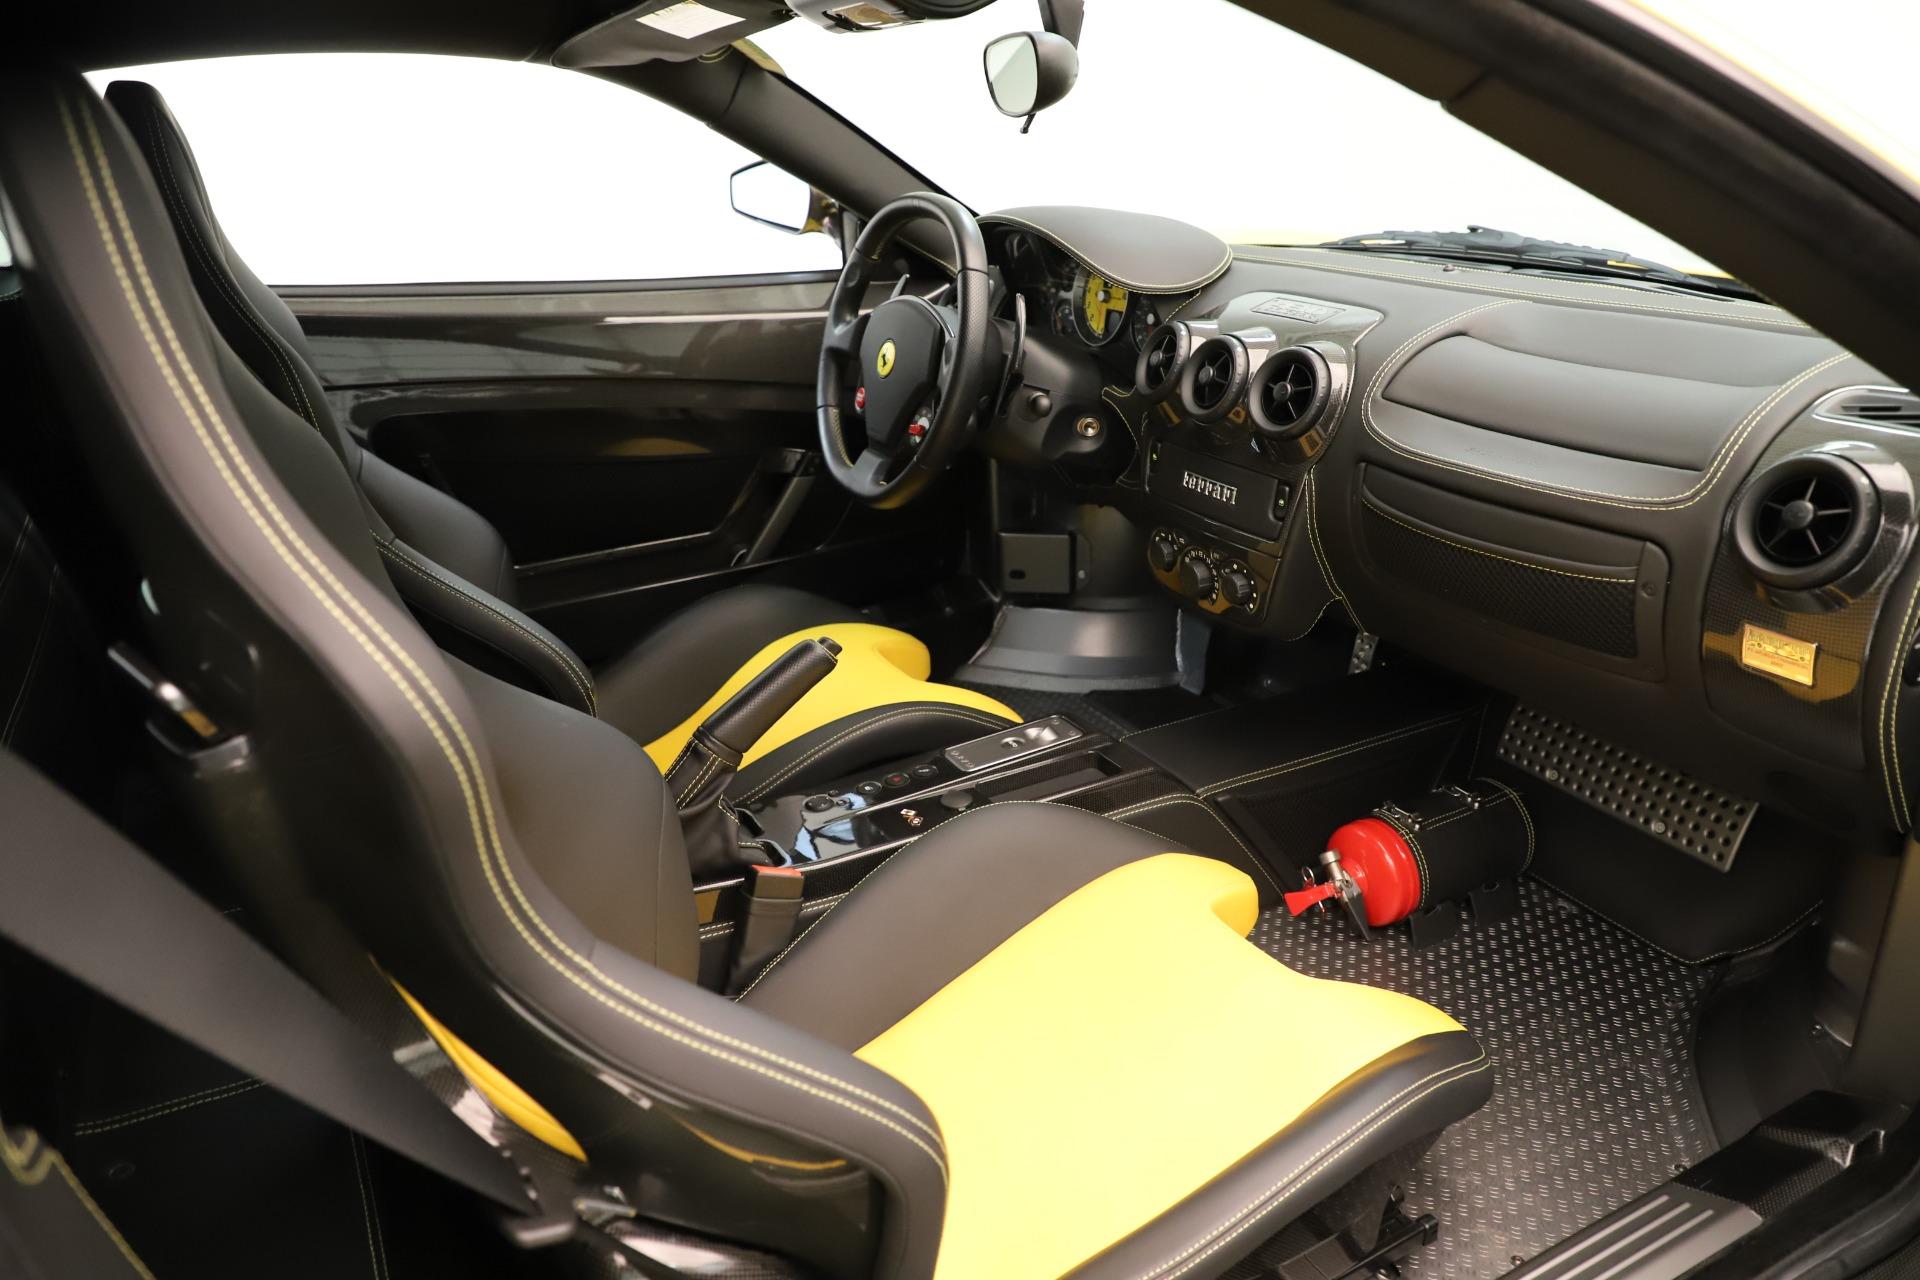 Used 2008 Ferrari F430 Scuderia For Sale In Greenwich, CT 3319_p17